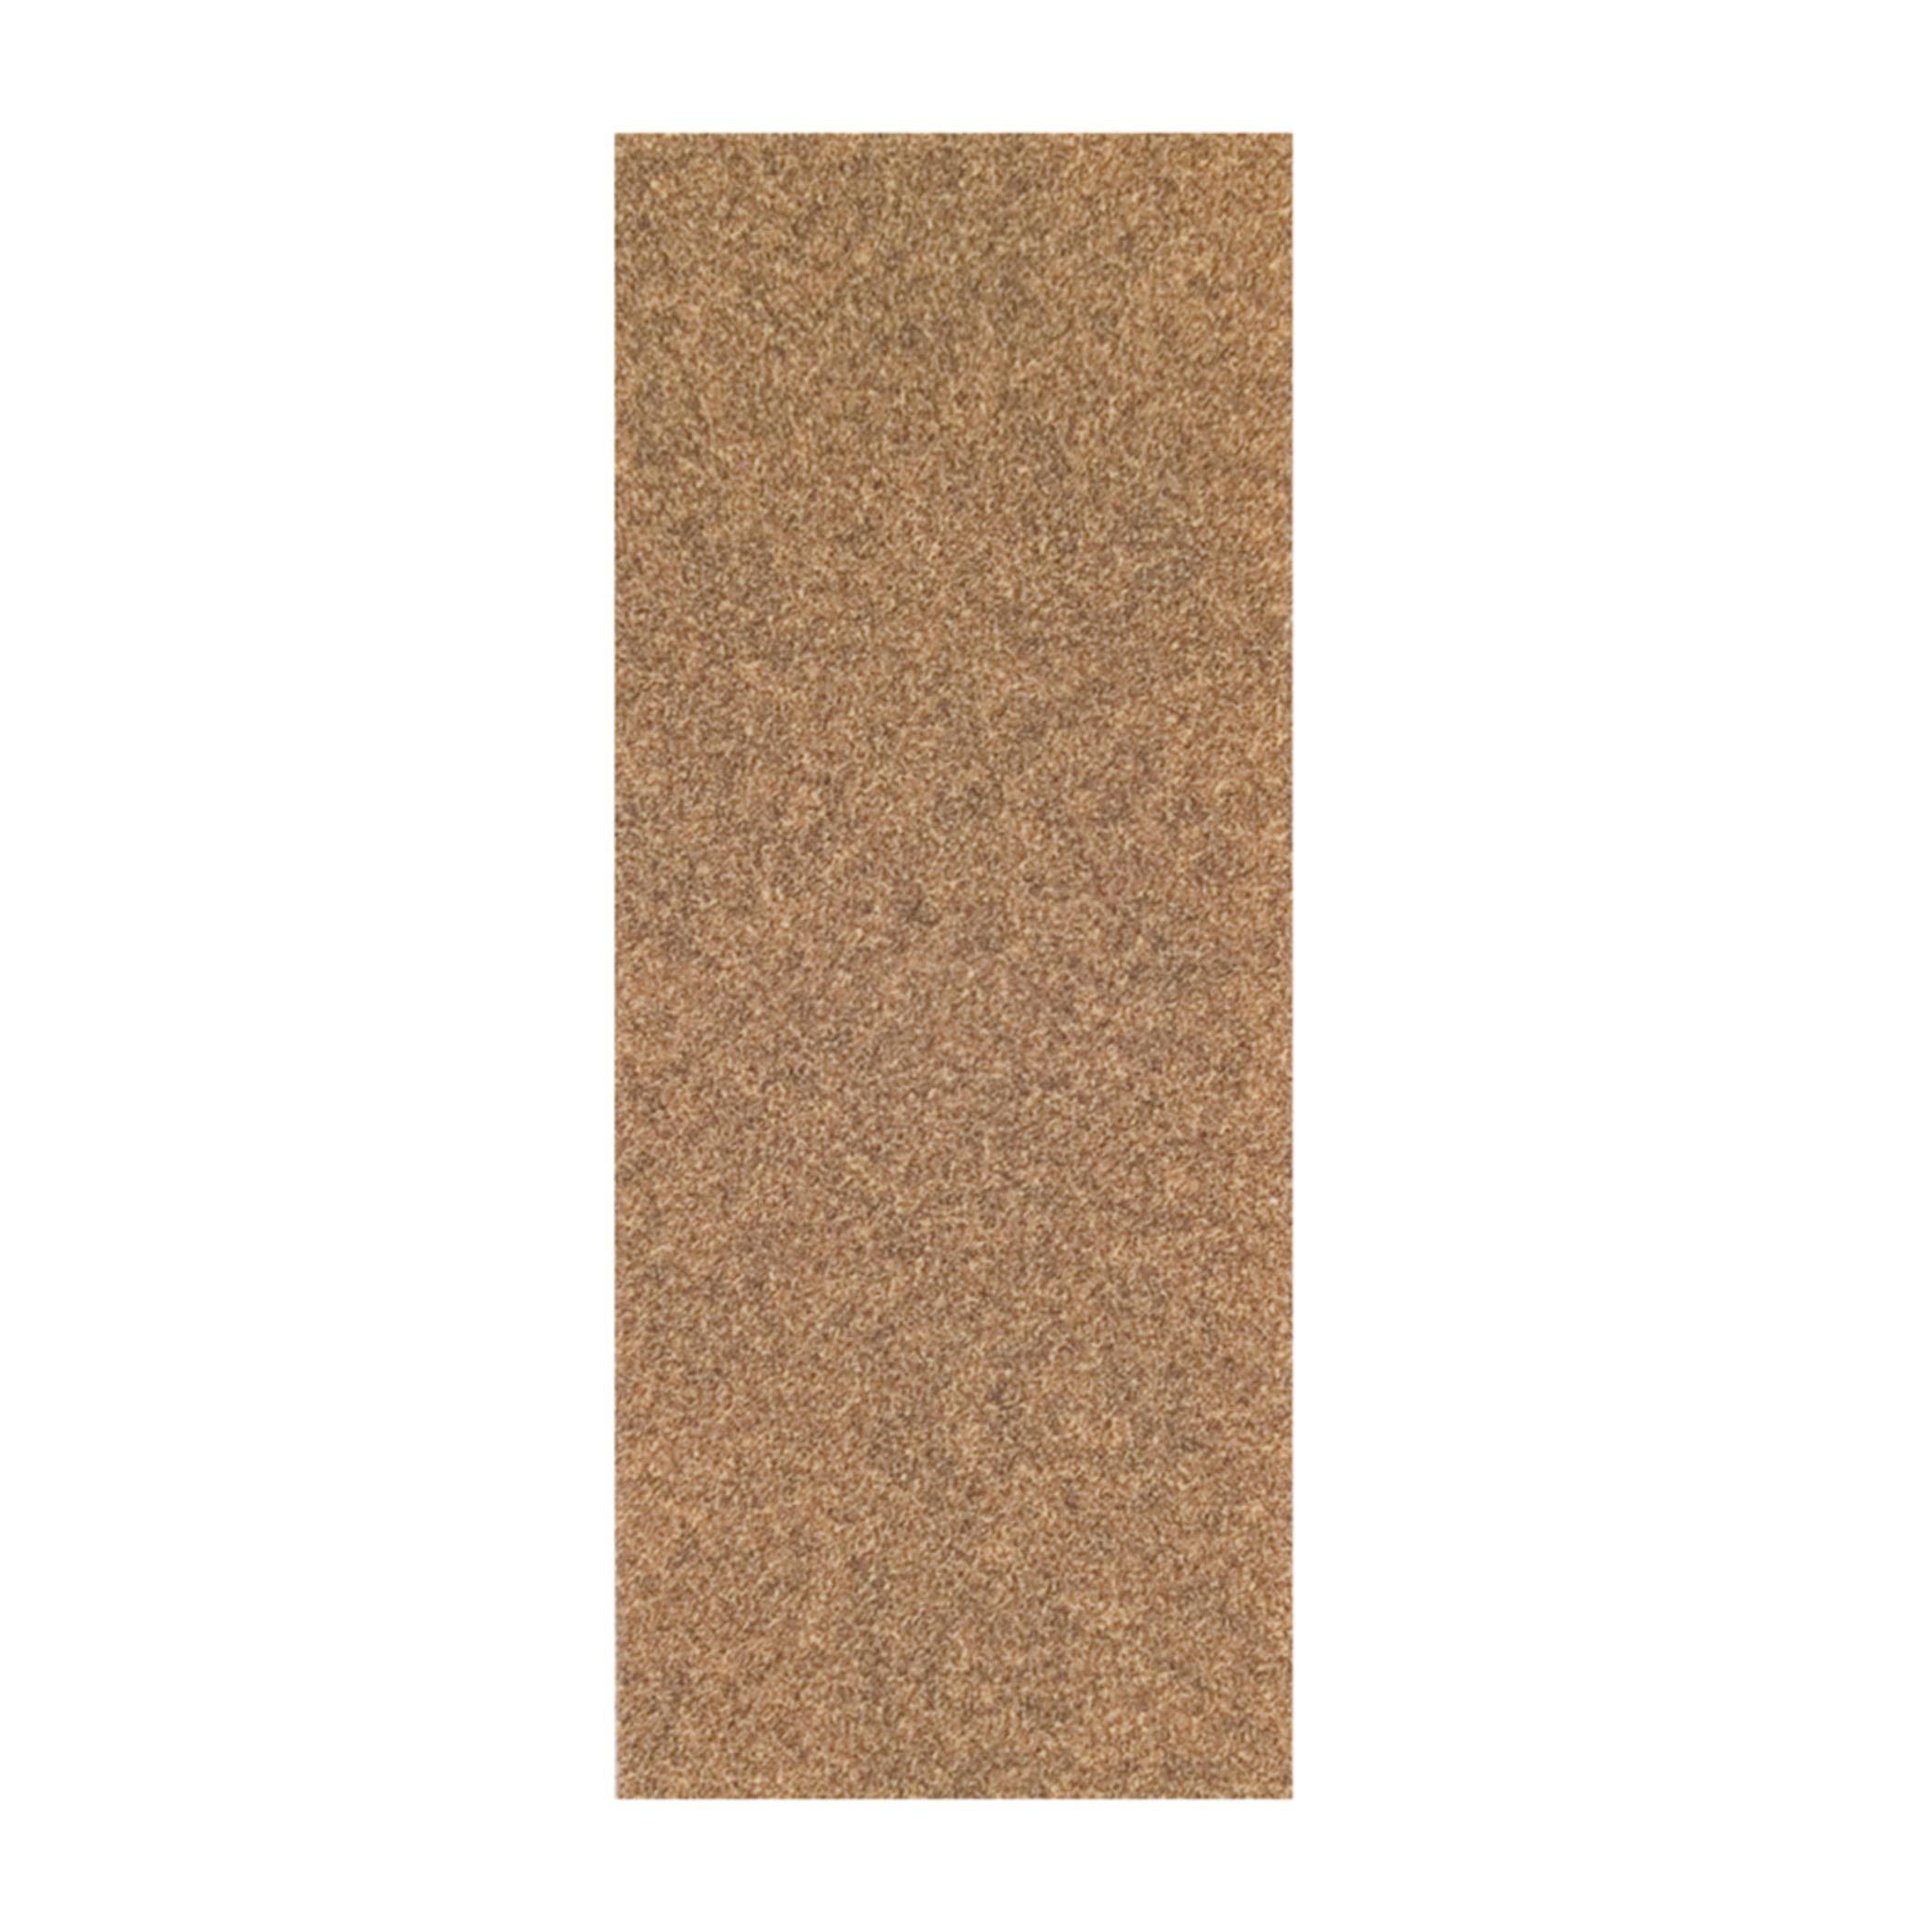 Norton® Adalox® 66261102895 A213 Coated Sandpaper Cut Sheet, 9 in L x 3-2/3 in W, P120 Grit, Fine Grade, Aluminum Oxide Abrasive, Paper Backing